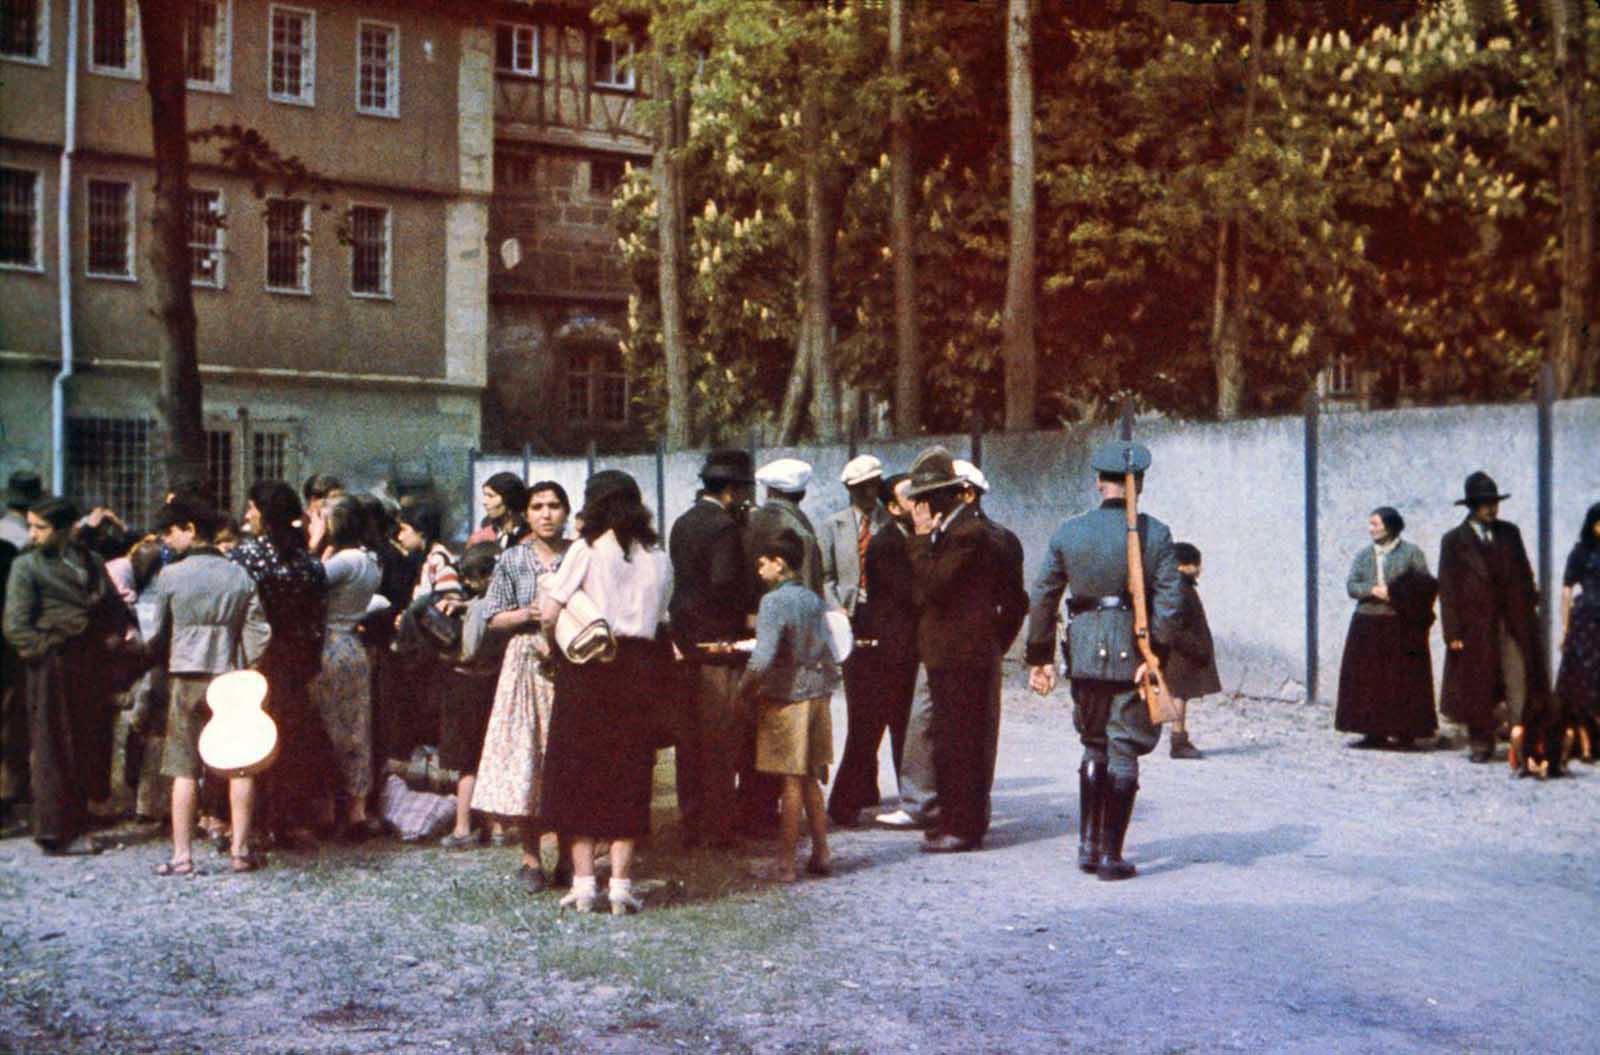 Sinti en el patio de la prisión de Hohenasperg antes de su deportación a los campos en Polonia. 22 de mayo de 1940.